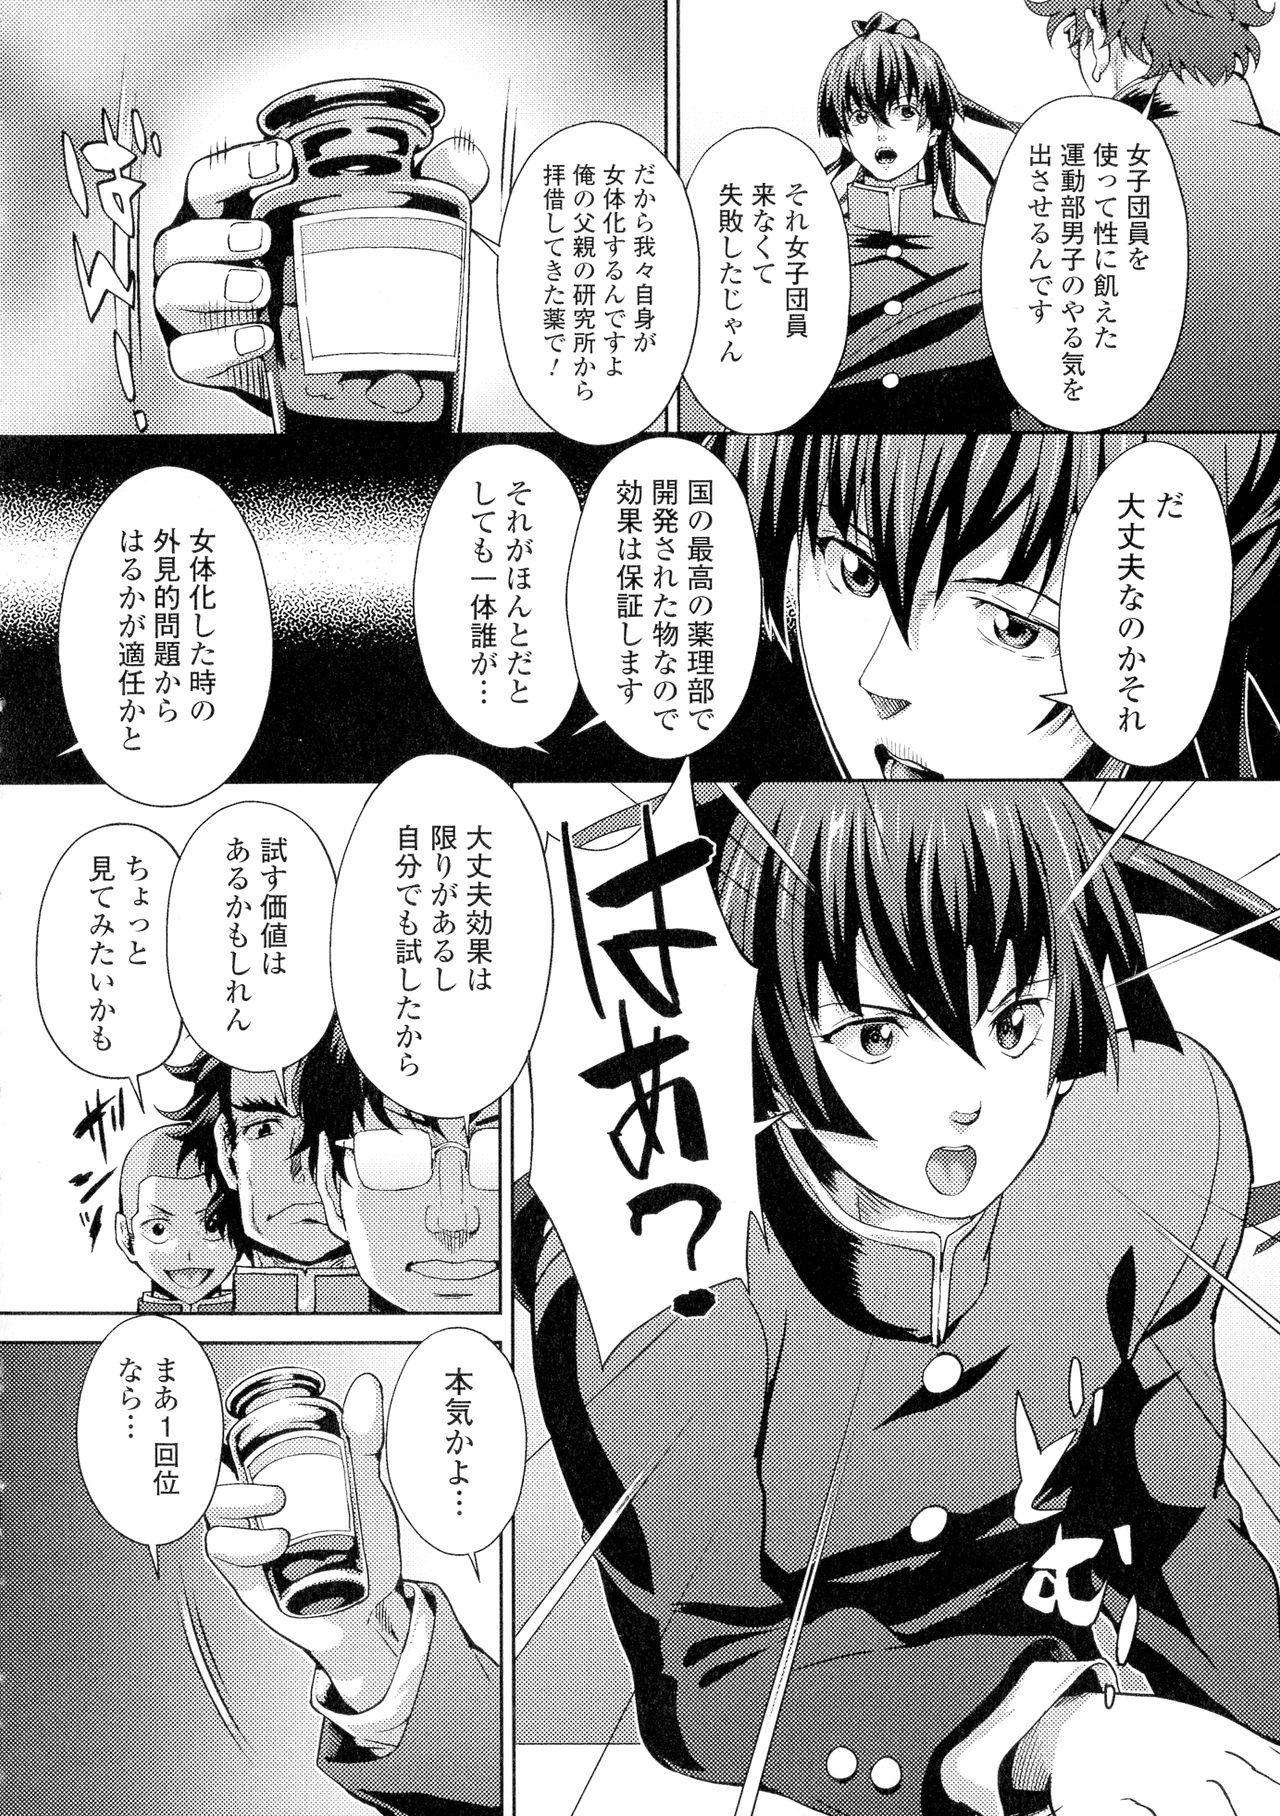 Futanari Tsunagari - Androgynos Sexual intercourse 102